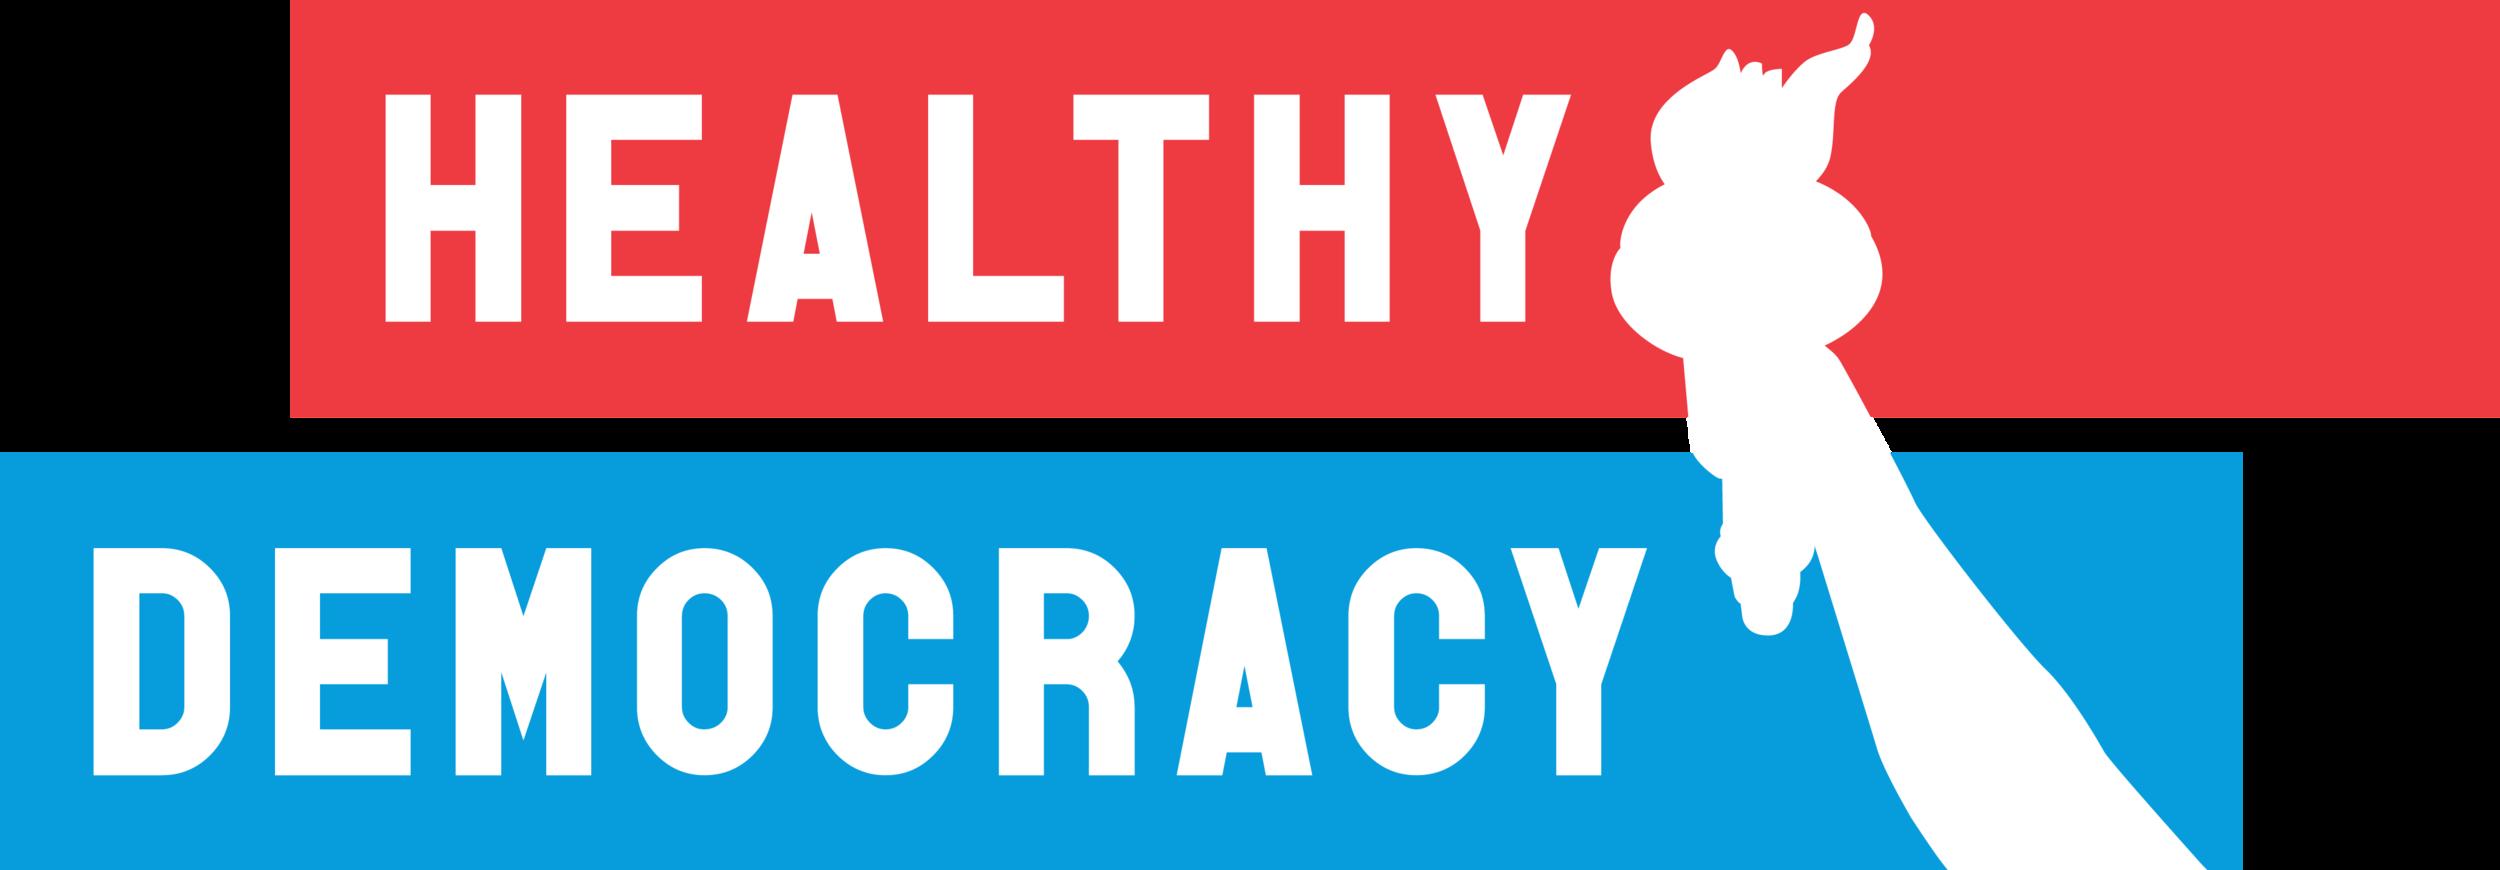 healthy democracy 2.png